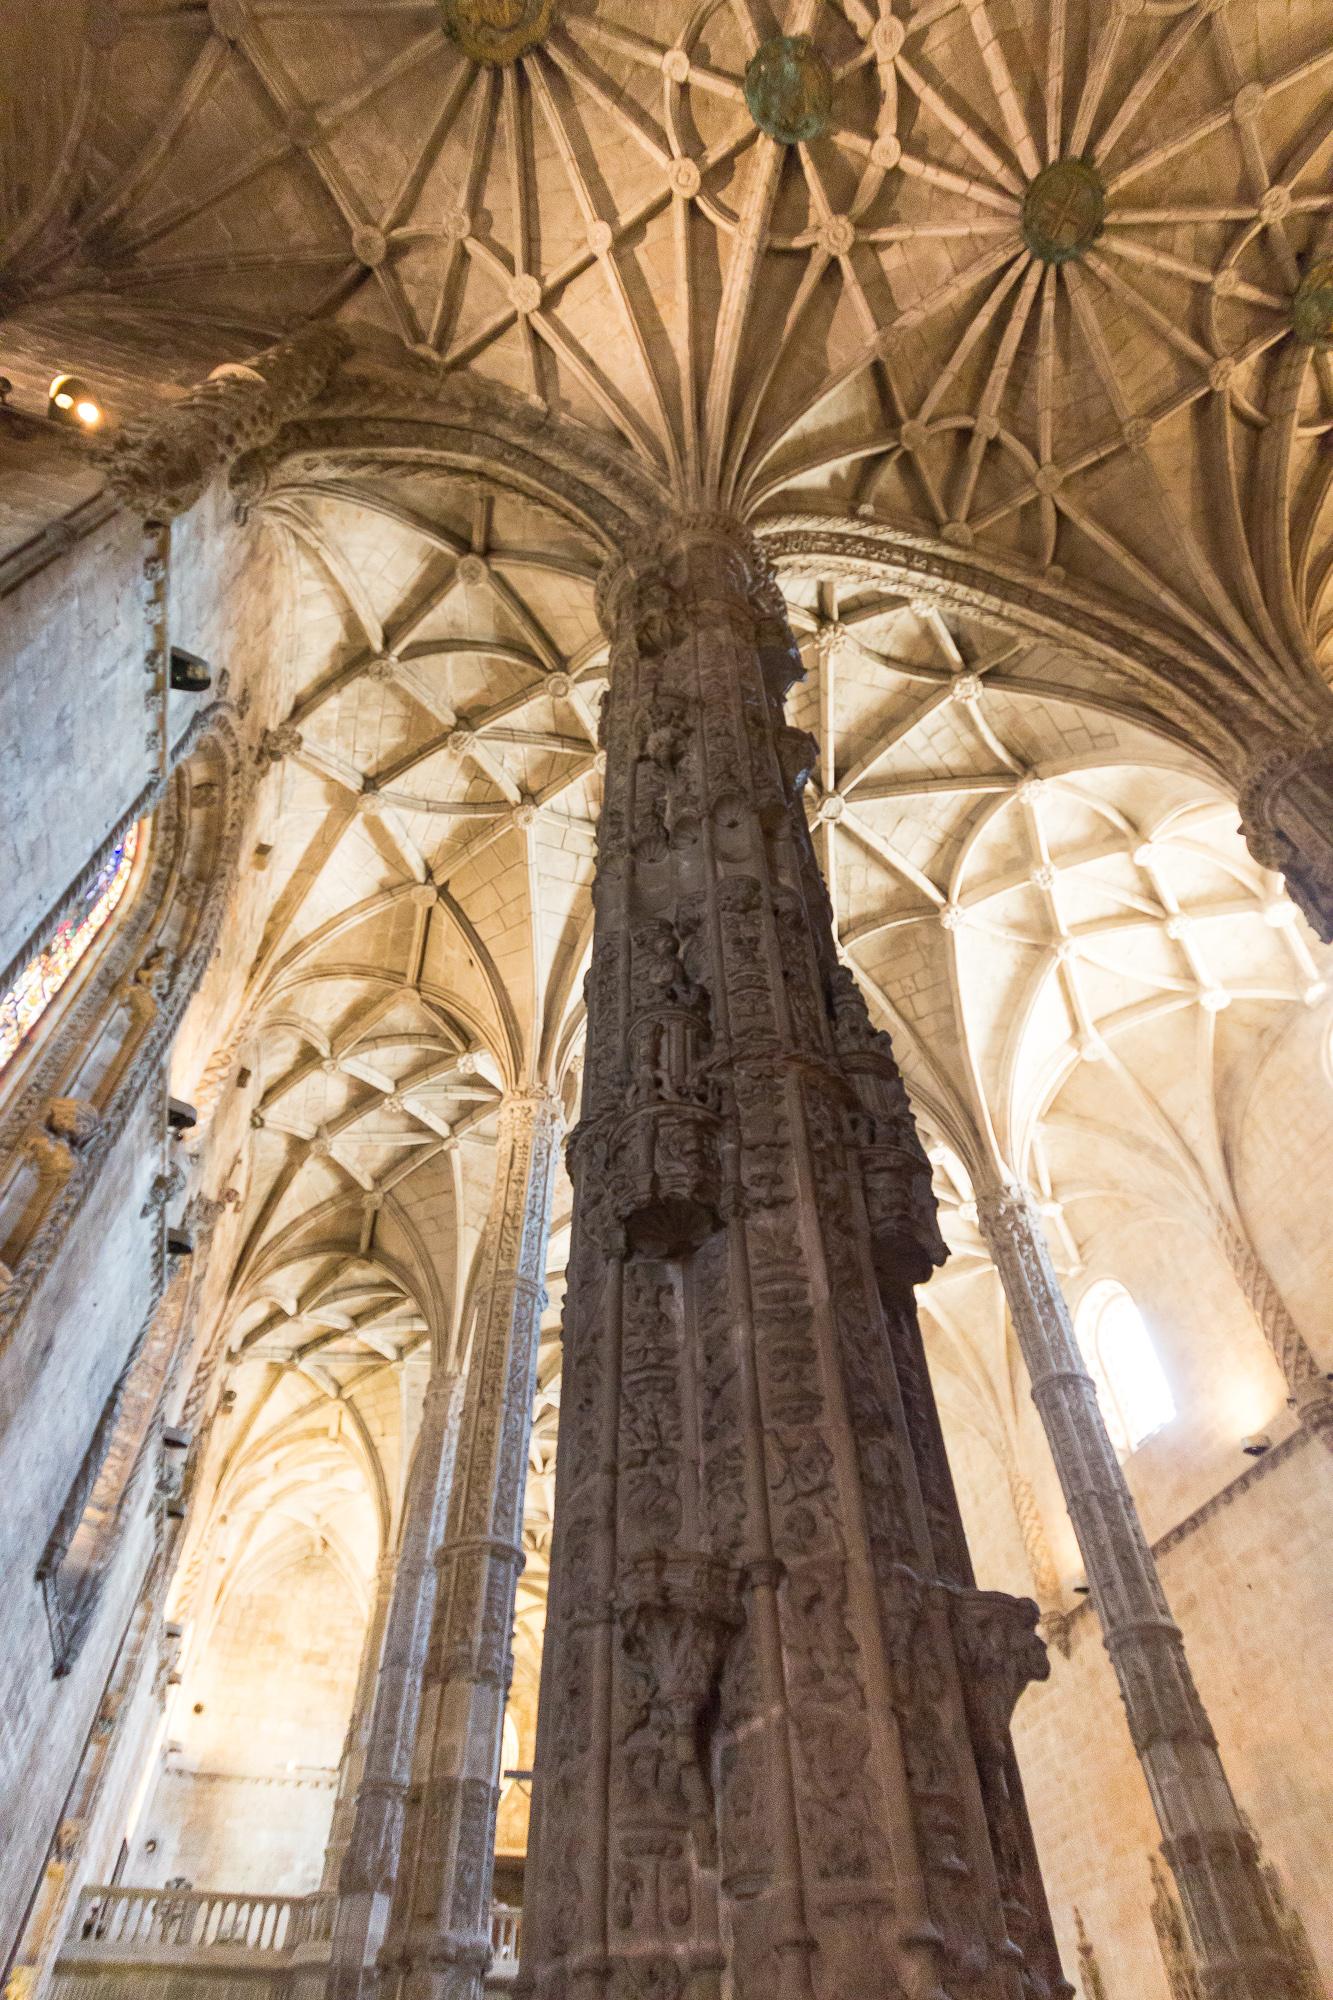 Pilier et voûte de l'église Santa Maria, monastère des Hiéronymites, Belém, Lisbonne, Portugal